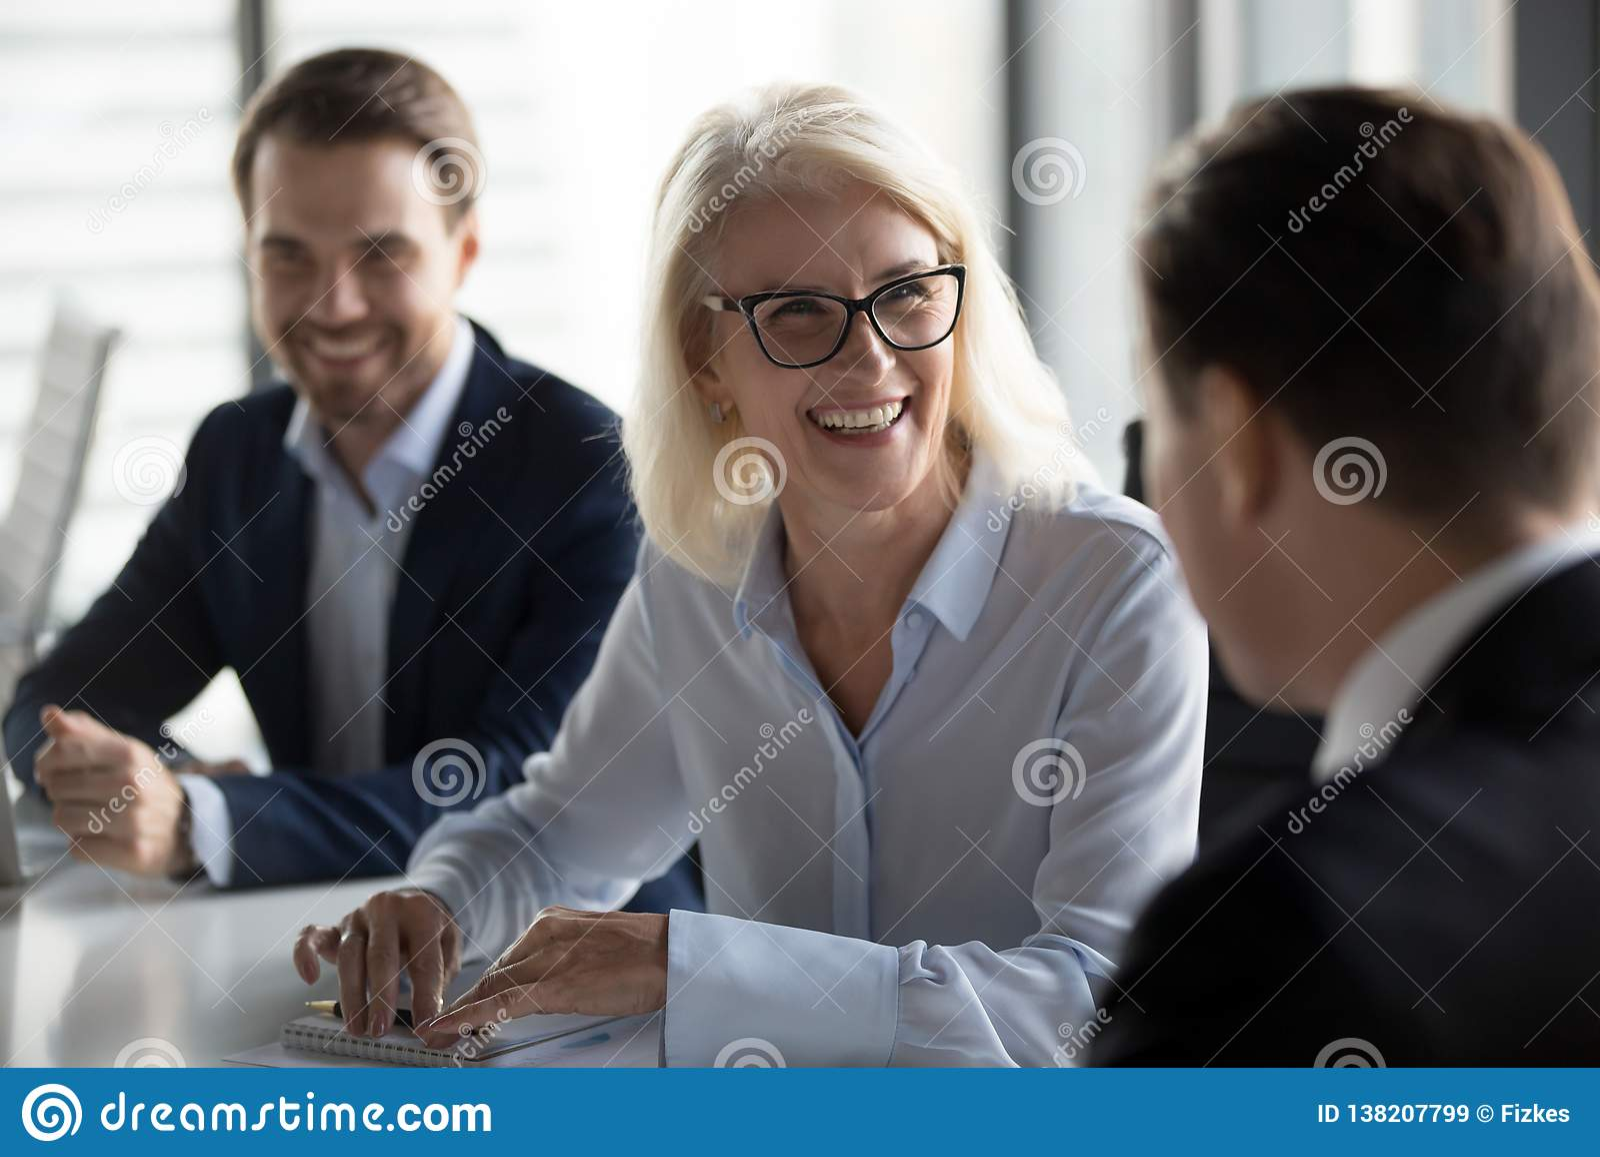 Φιλικός μέσος ηλικίας θηλυκός ηγέτης που γελά στην επιχειρησιακή συνεδρίαση ομάδας